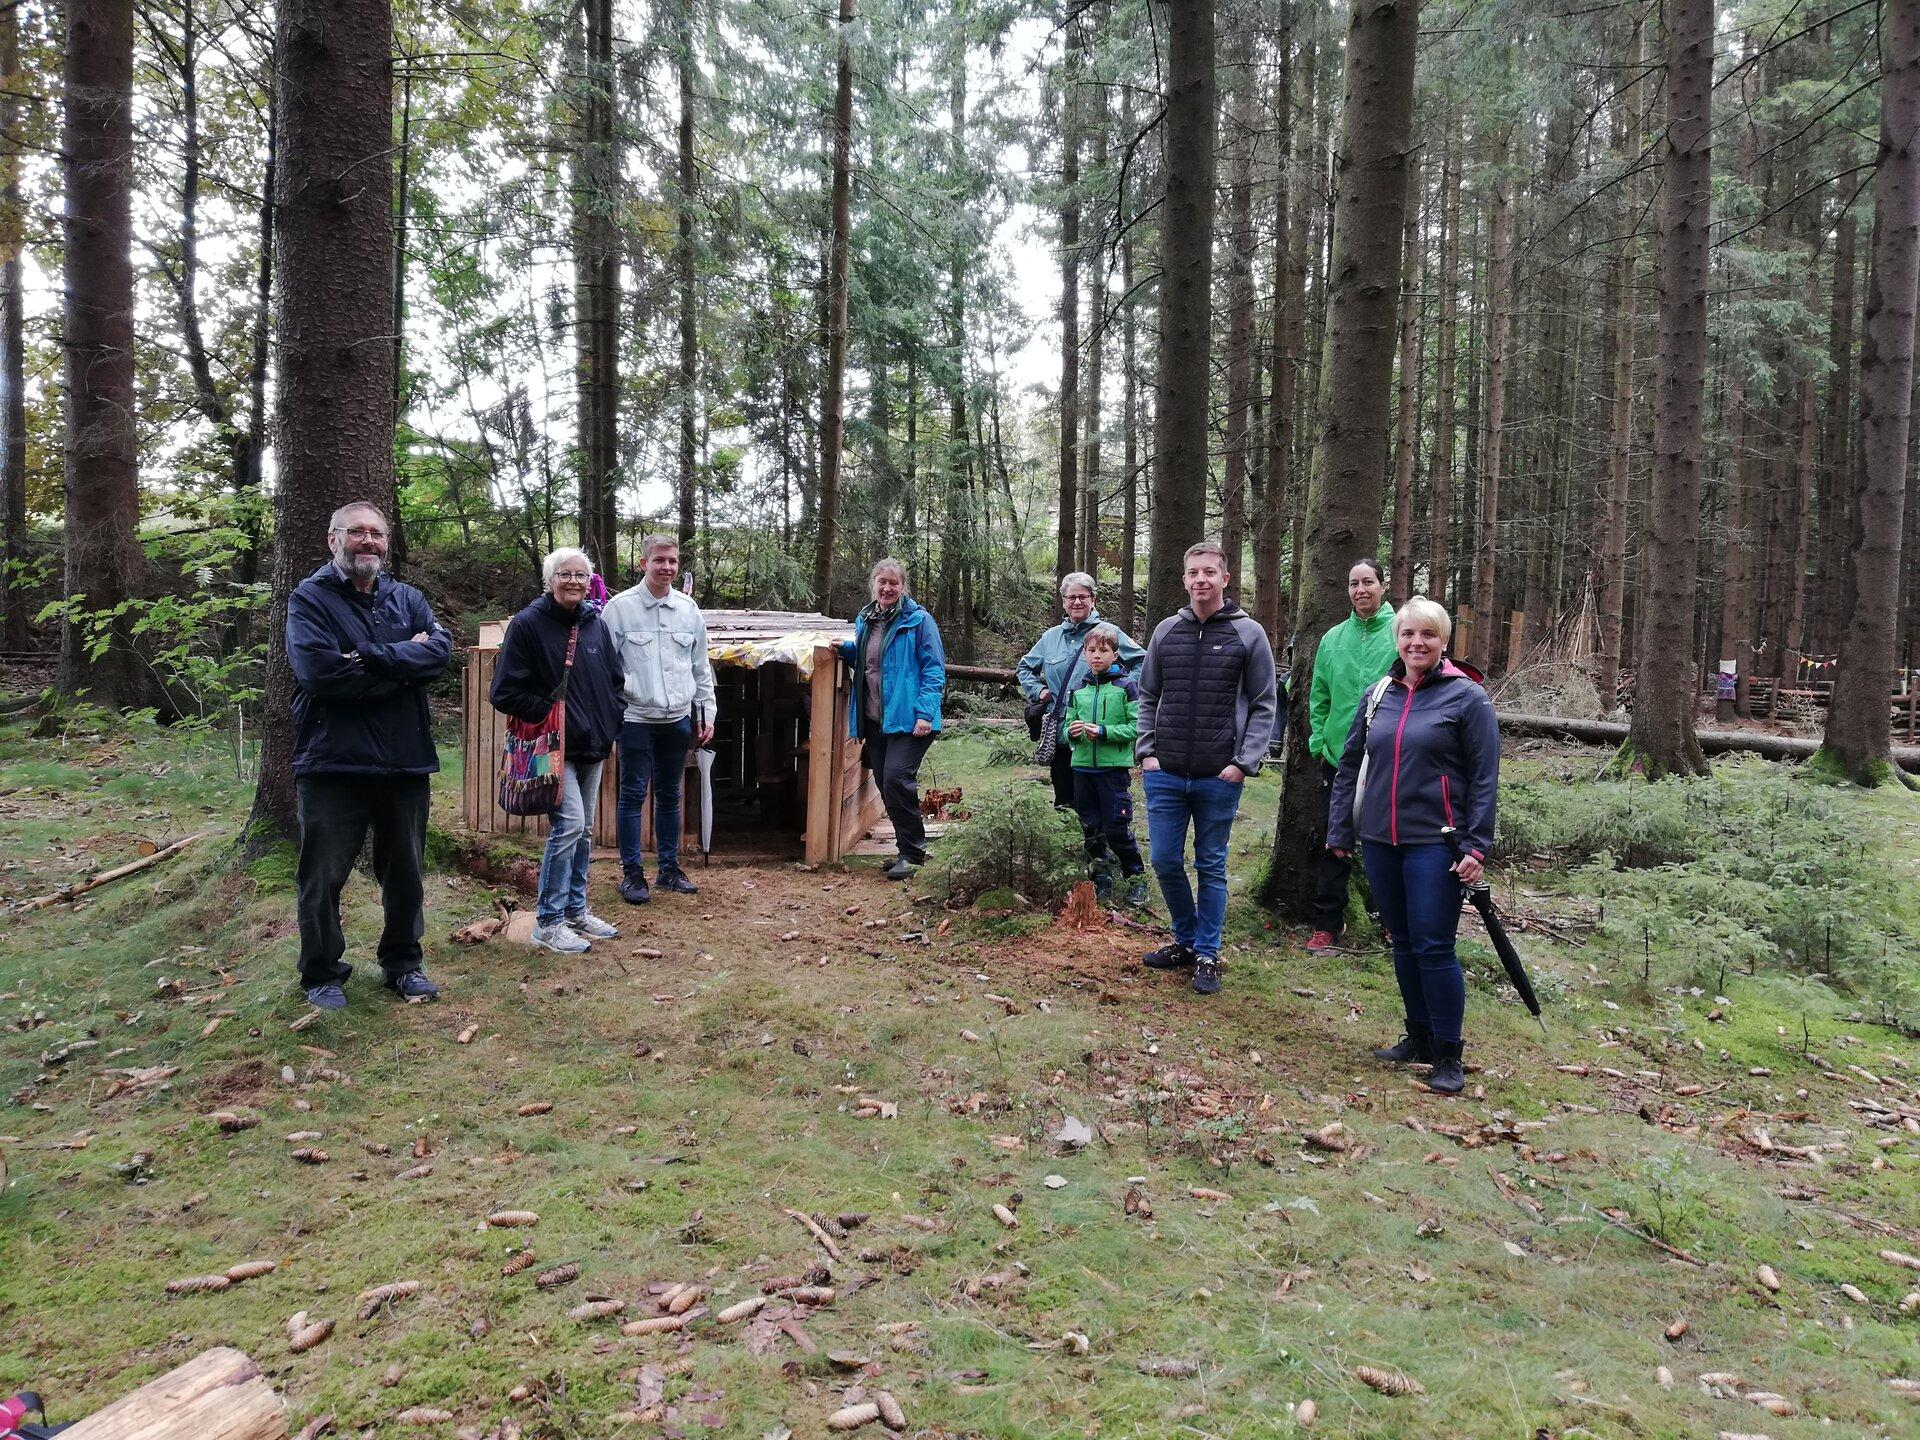 Bündnis 90/Die Grünen im Waldkindergarten